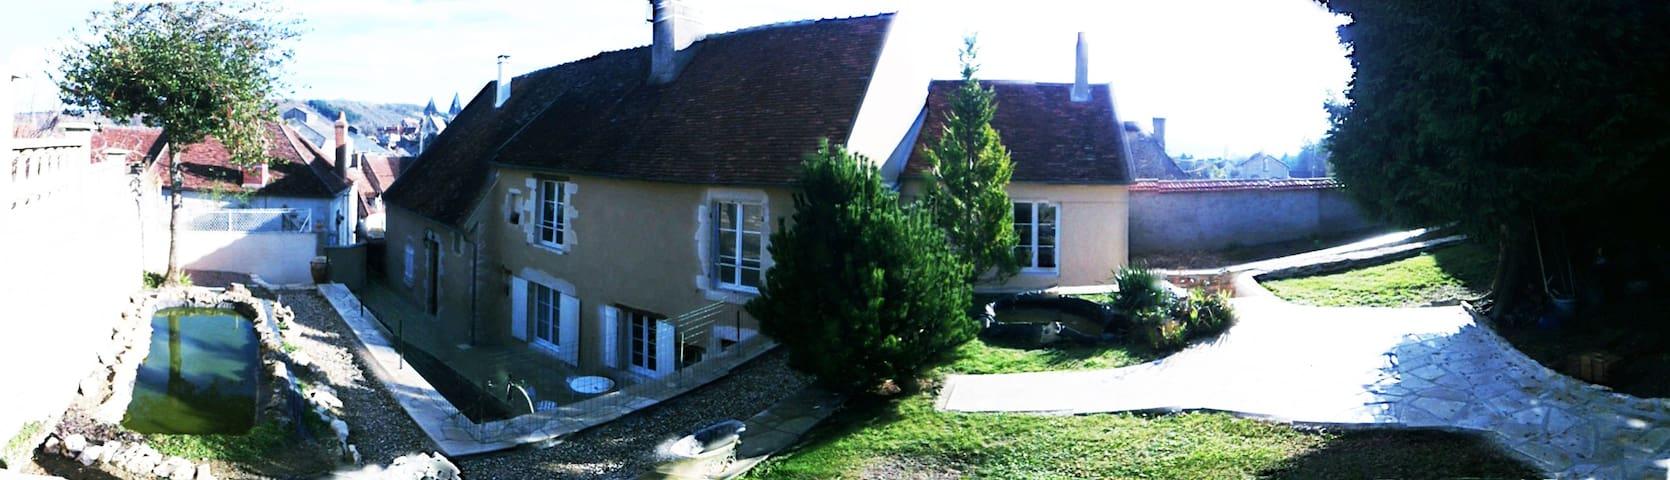 MAISON DE CARACTERE EN BOURGOGNE - Varzy - Rumah